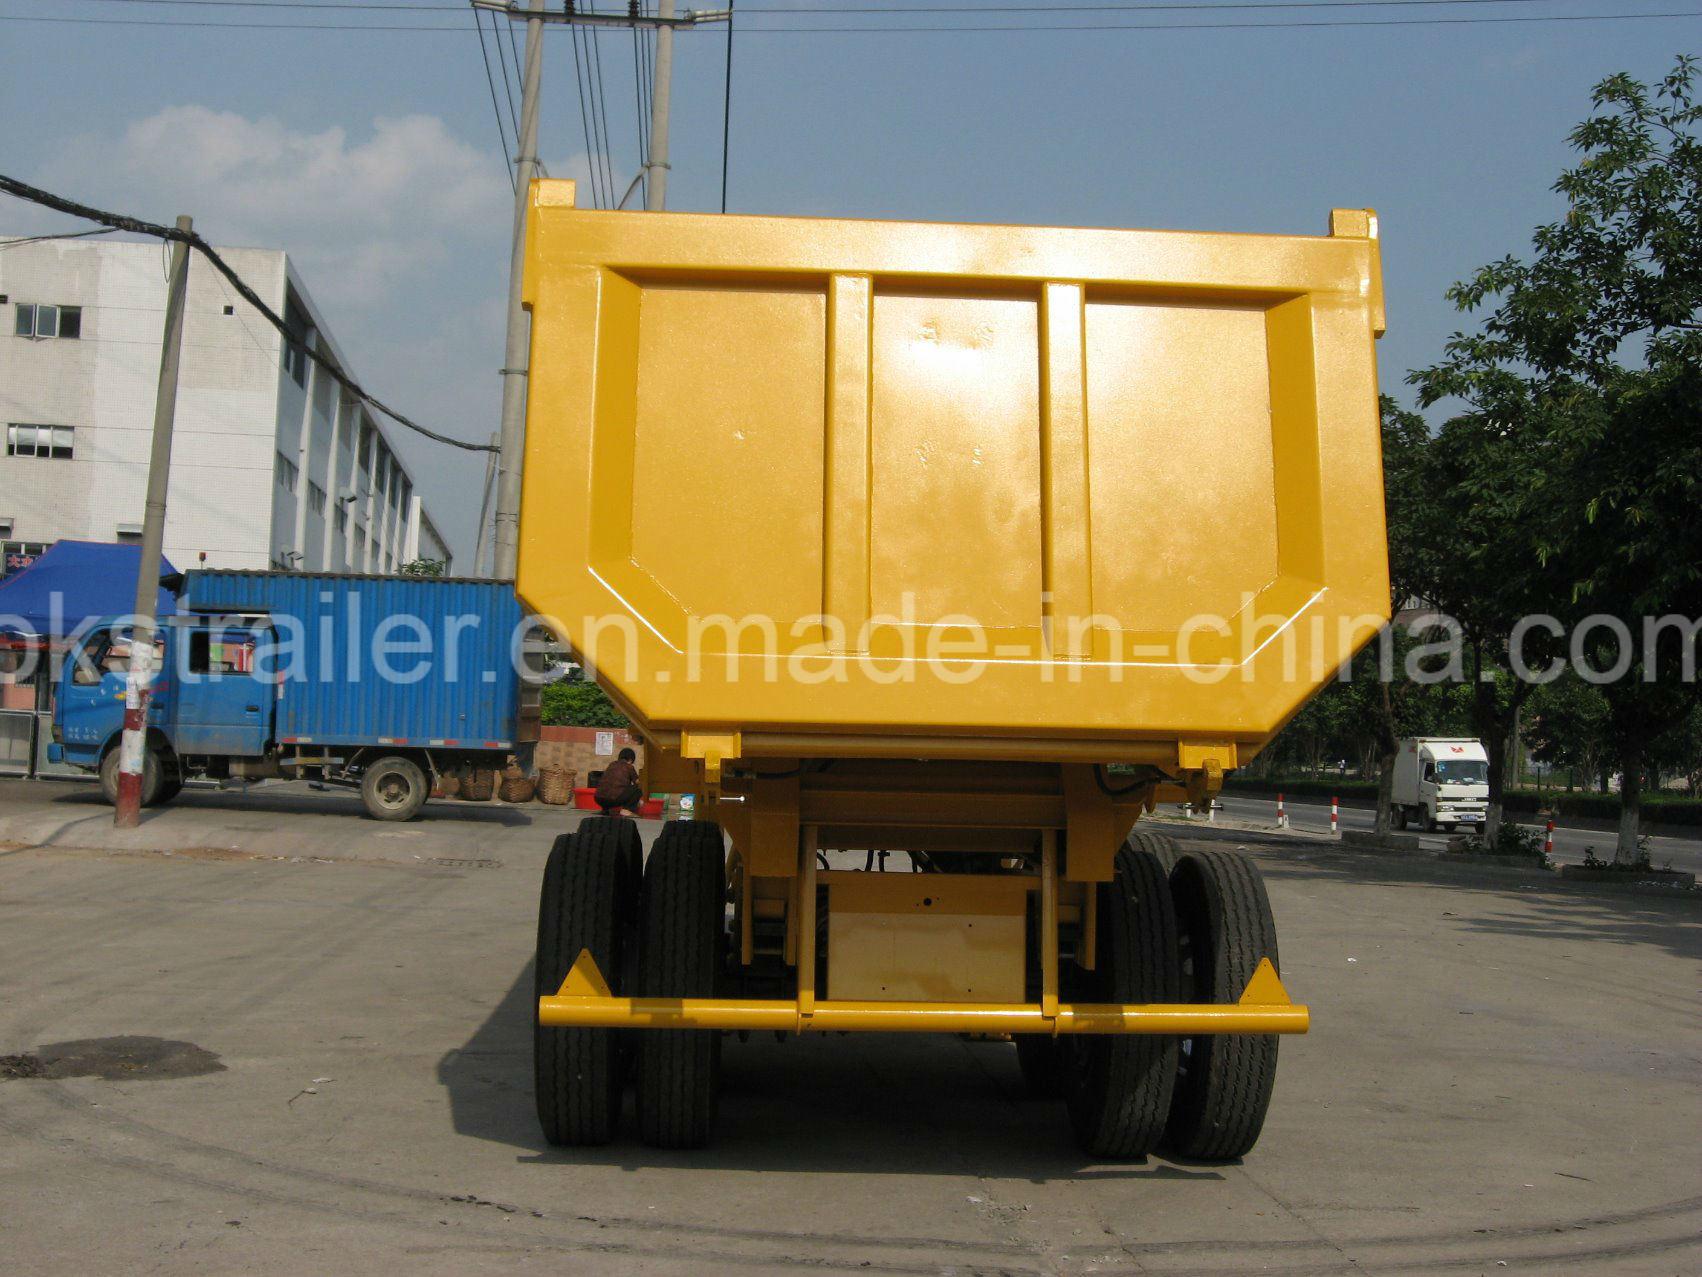 2axle Tipper Semi-Trailer 20 -22 Cbm U-Style